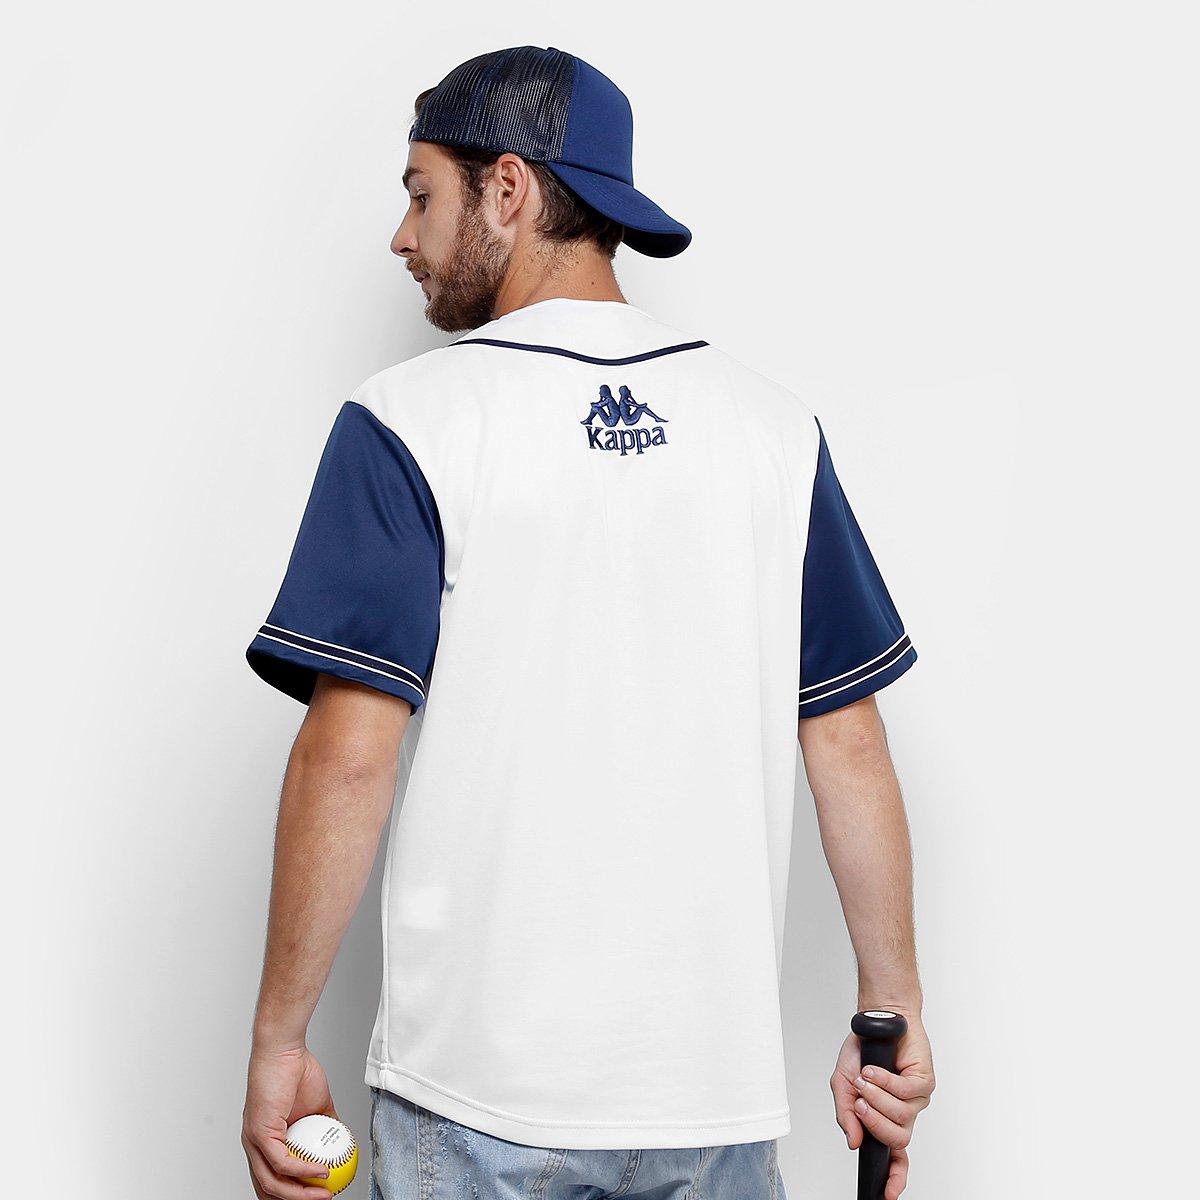 ea2f336b62 Camisa Baseball Kappa Los Angeles 17 Masculina - Branco e Azul ...